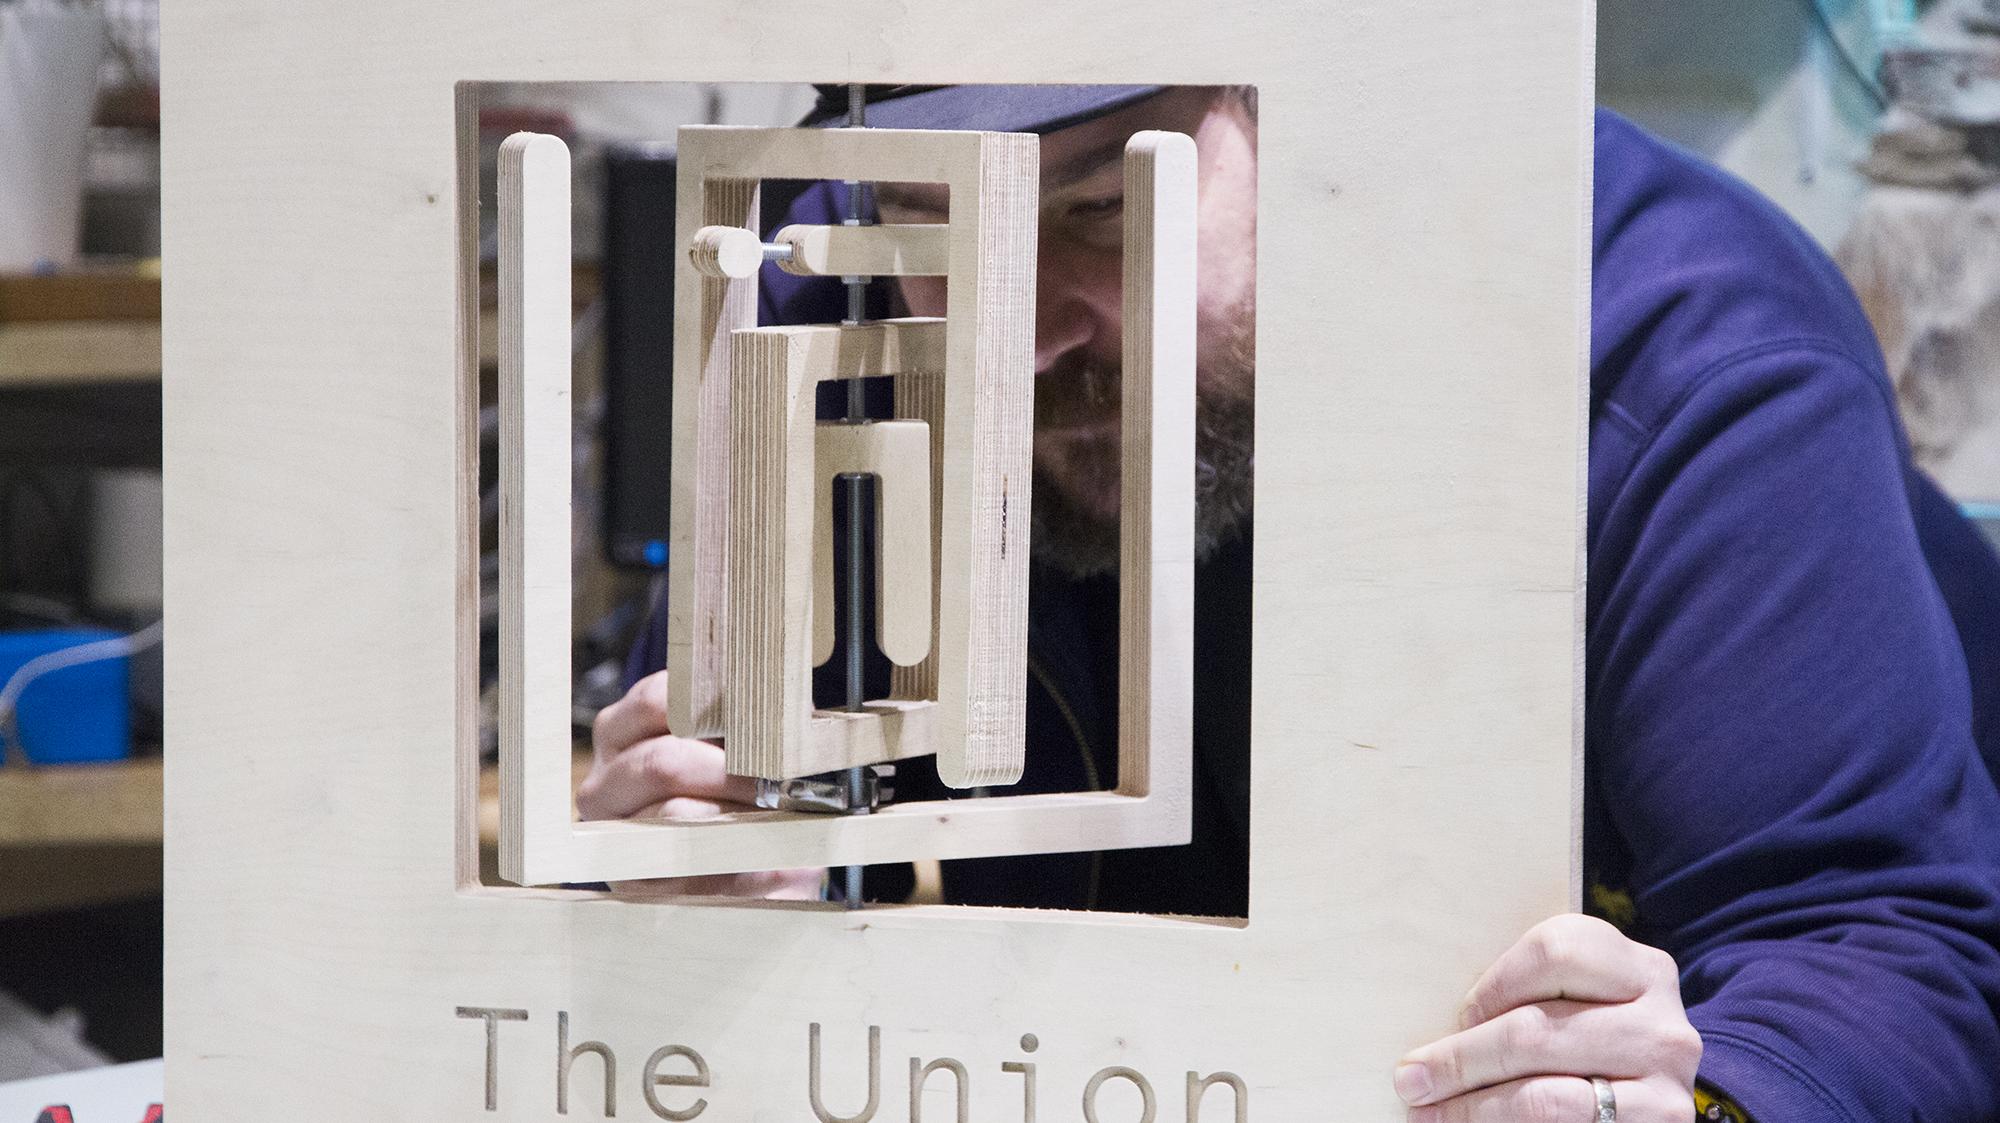 10 The Union signage